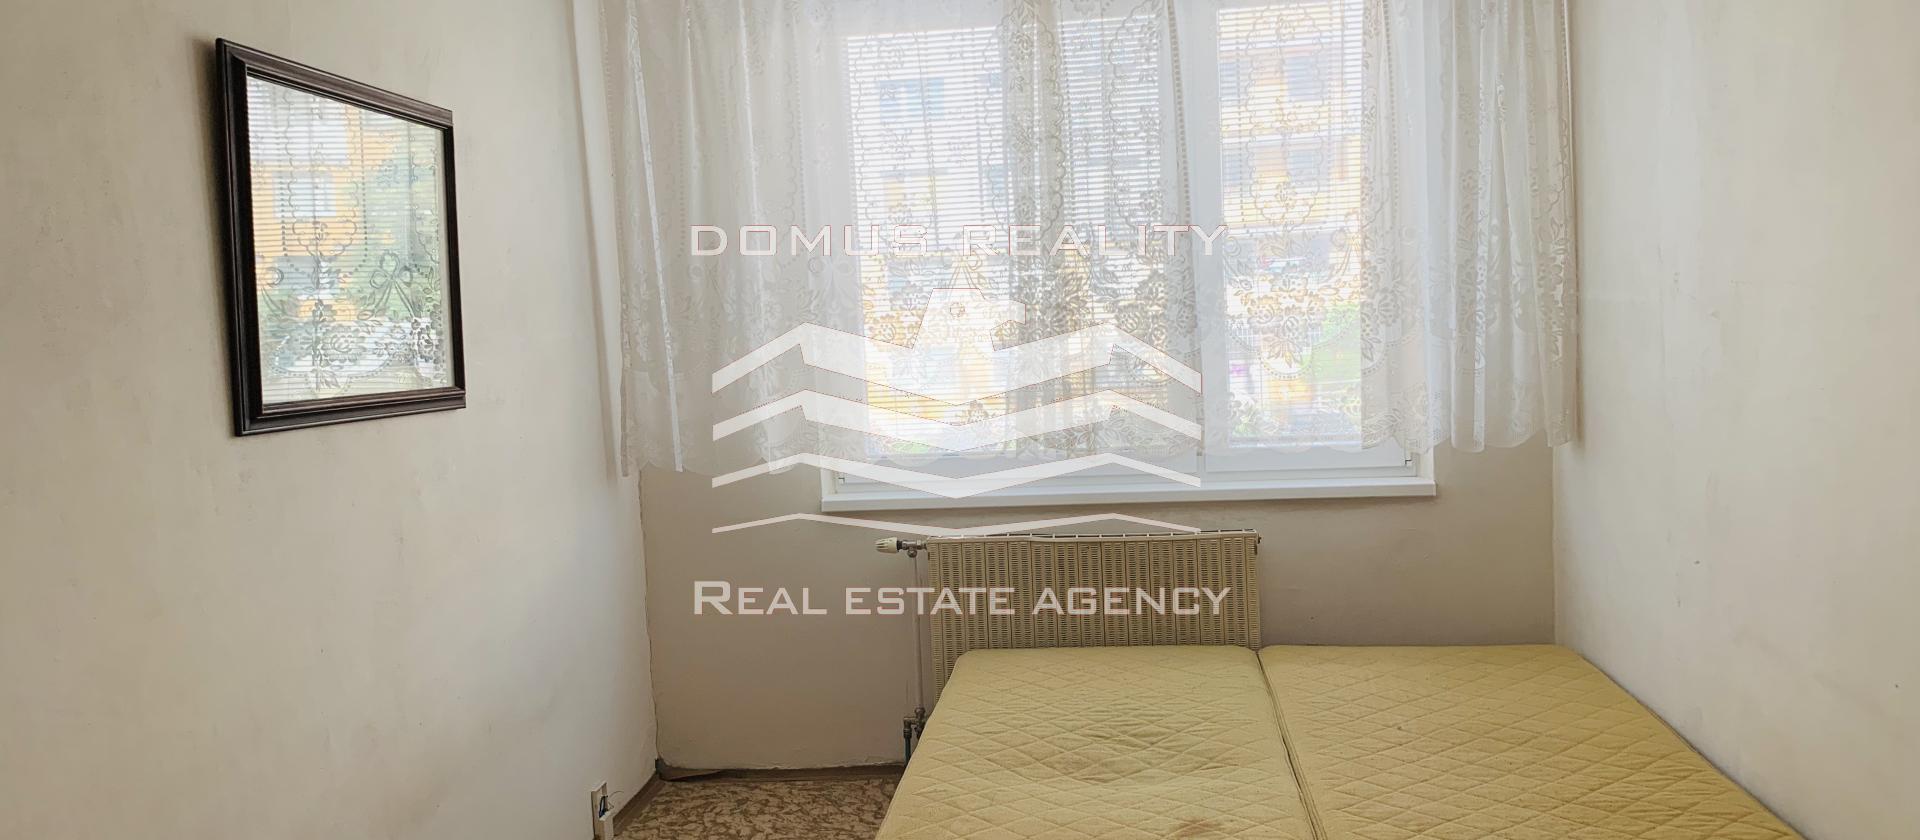 Domus reality  zprostředkuje prodej bytové jednotky v OV o dispozici 2+kk a celkové podlahové ploše 44 m